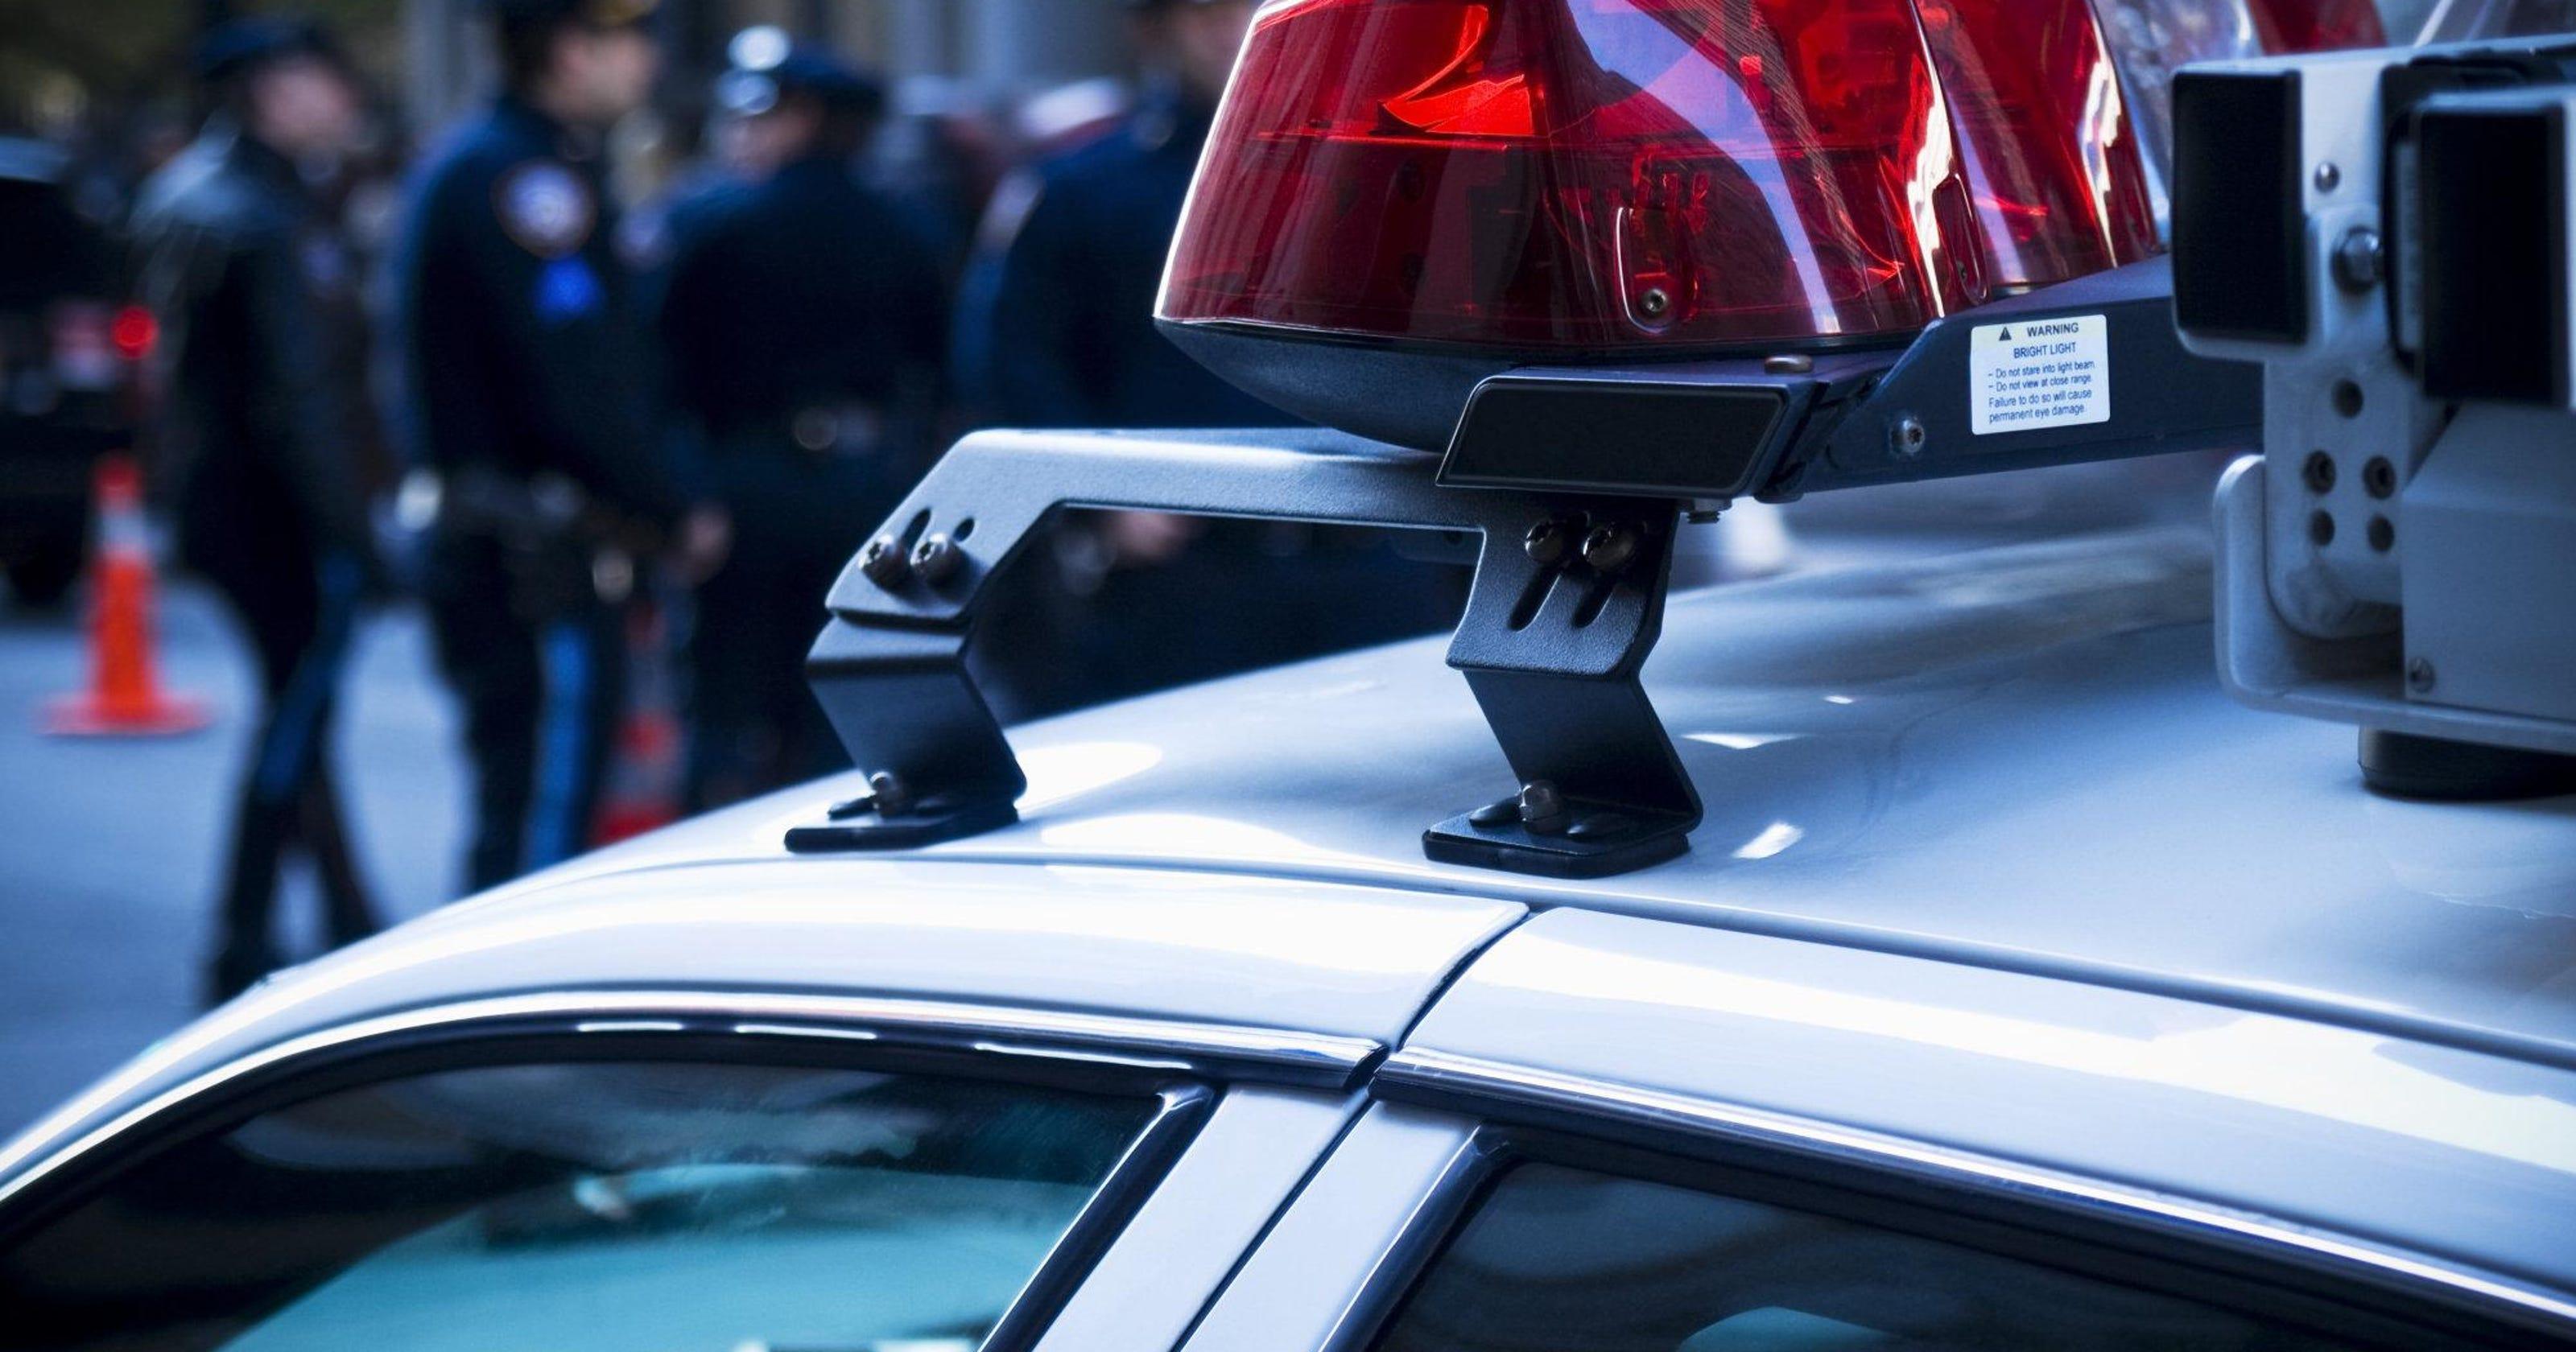 Police Blotter: Stolen boat in Randolph